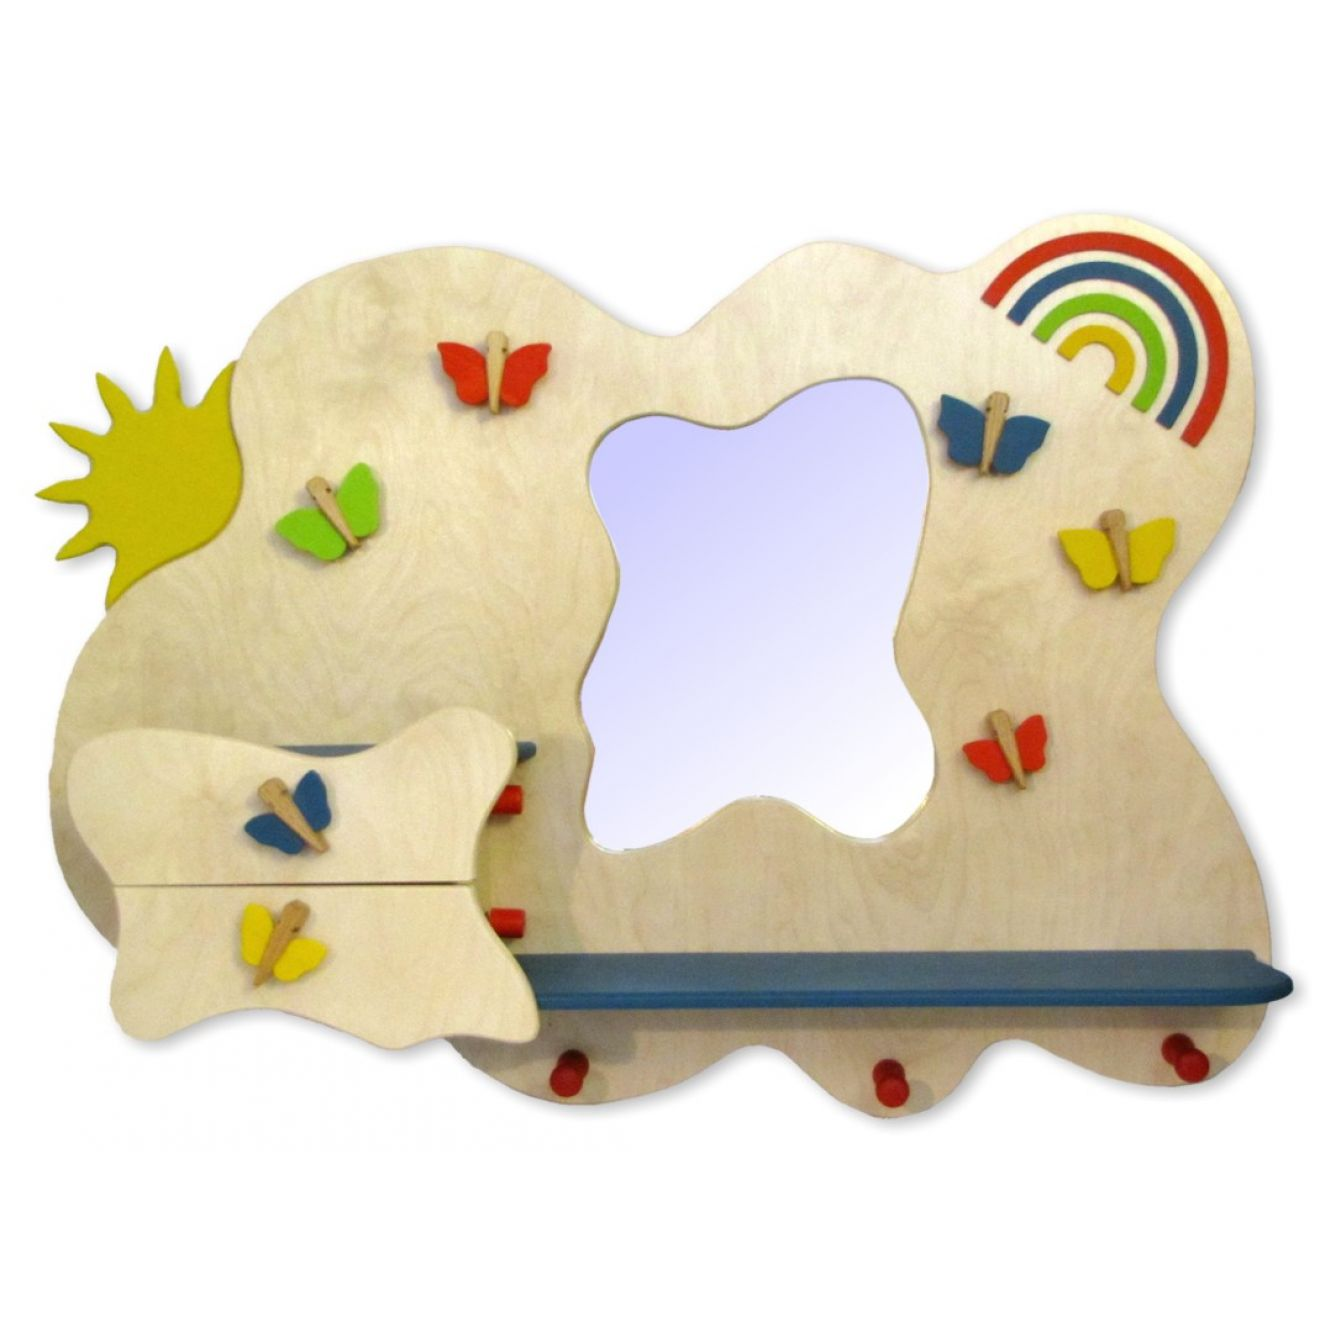 garderobe aus holz kinder spiegel regal schublade ablage kinderspiegel wertprodukte. Black Bedroom Furniture Sets. Home Design Ideas